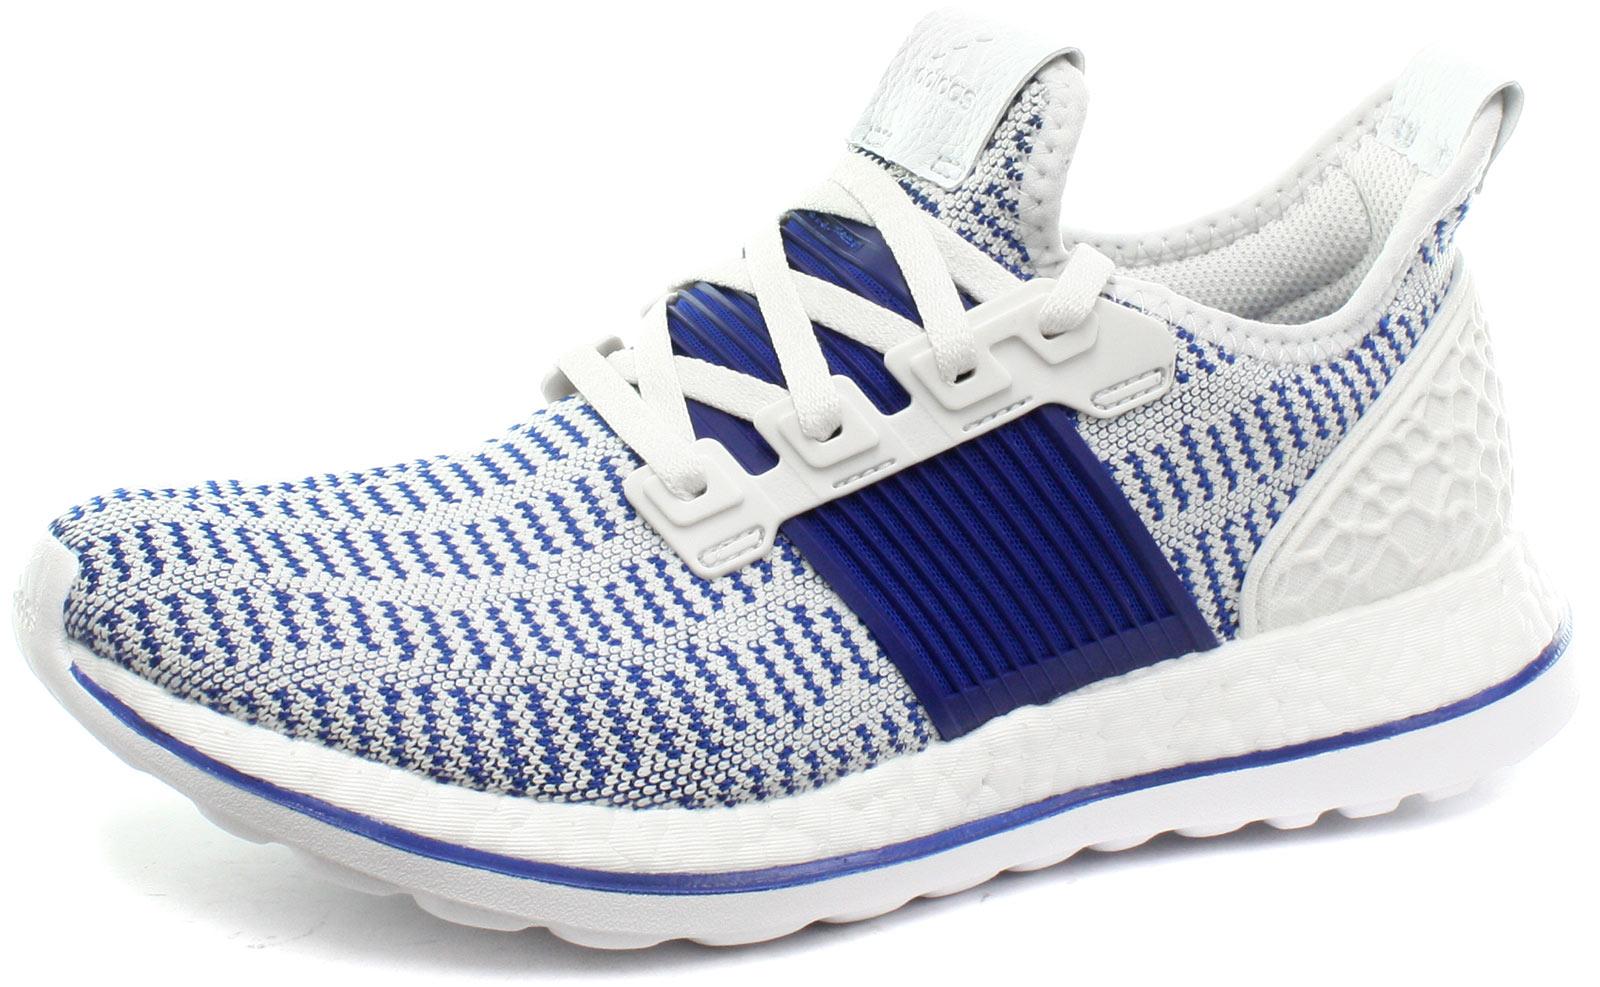 Adidas Pureboost ZG Ltd Scarpe Da Corsa Uomo Scarpe da ginnastica/Tutte le Taglie